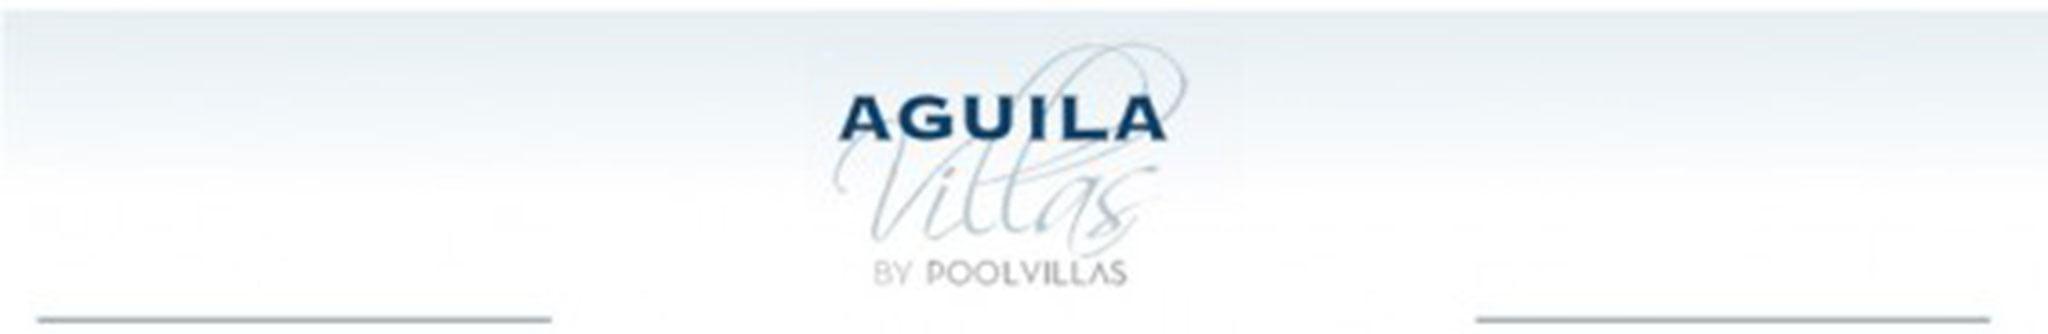 Logo Aguila Аренда виллы